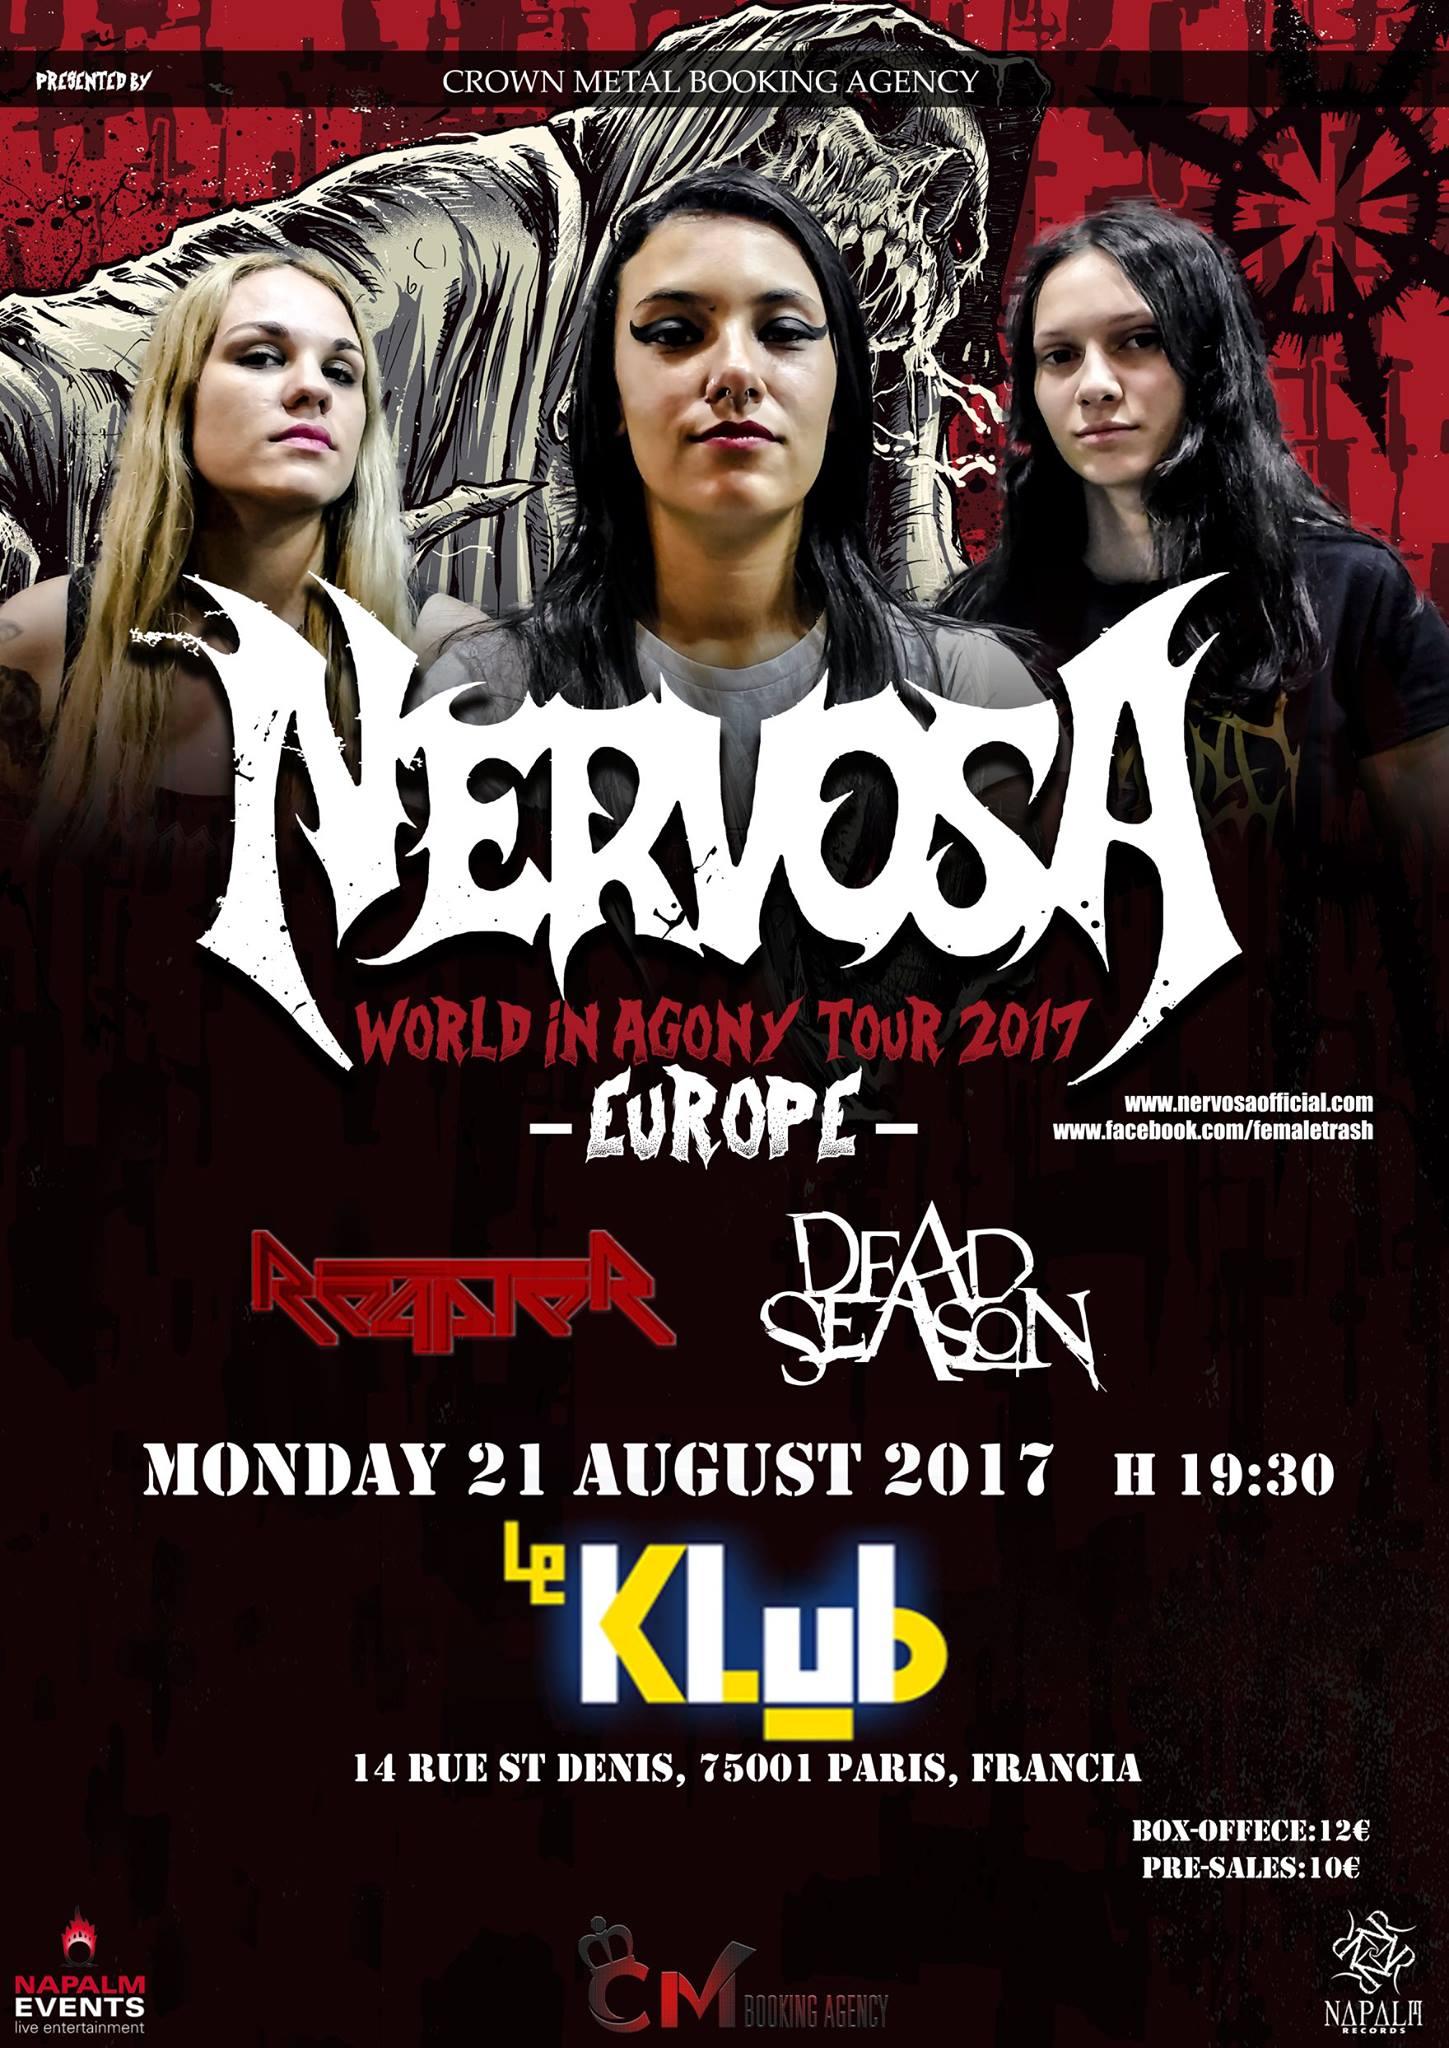 NERVOSA + Reapter + Dead Season ■ 21.08